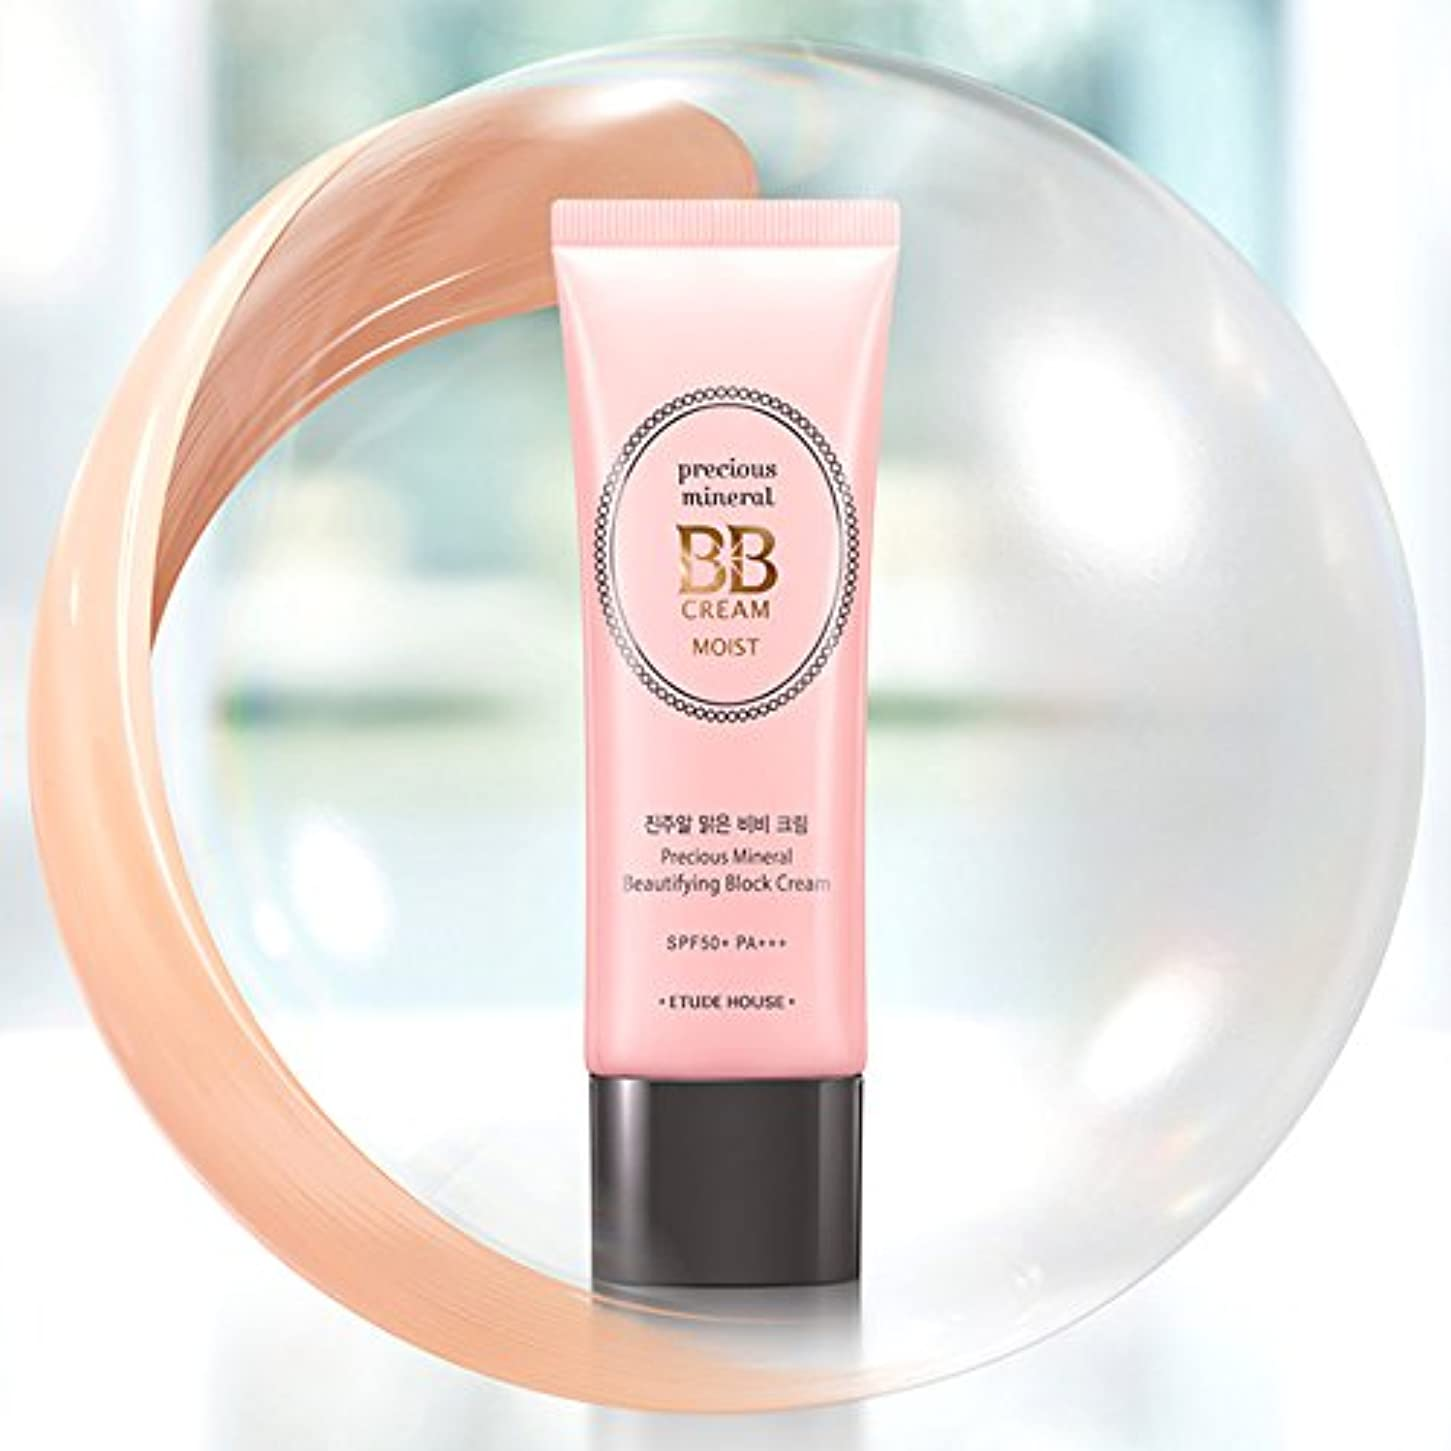 ペナルティ処理機動ETUDE HOUSE Precious Mineral BB Cream Moist [ Beige] SPF50+ PA+++ エチュードハウス プレシャスミネラルBBクリーム モイスト [ベージュ] SPF50 +...